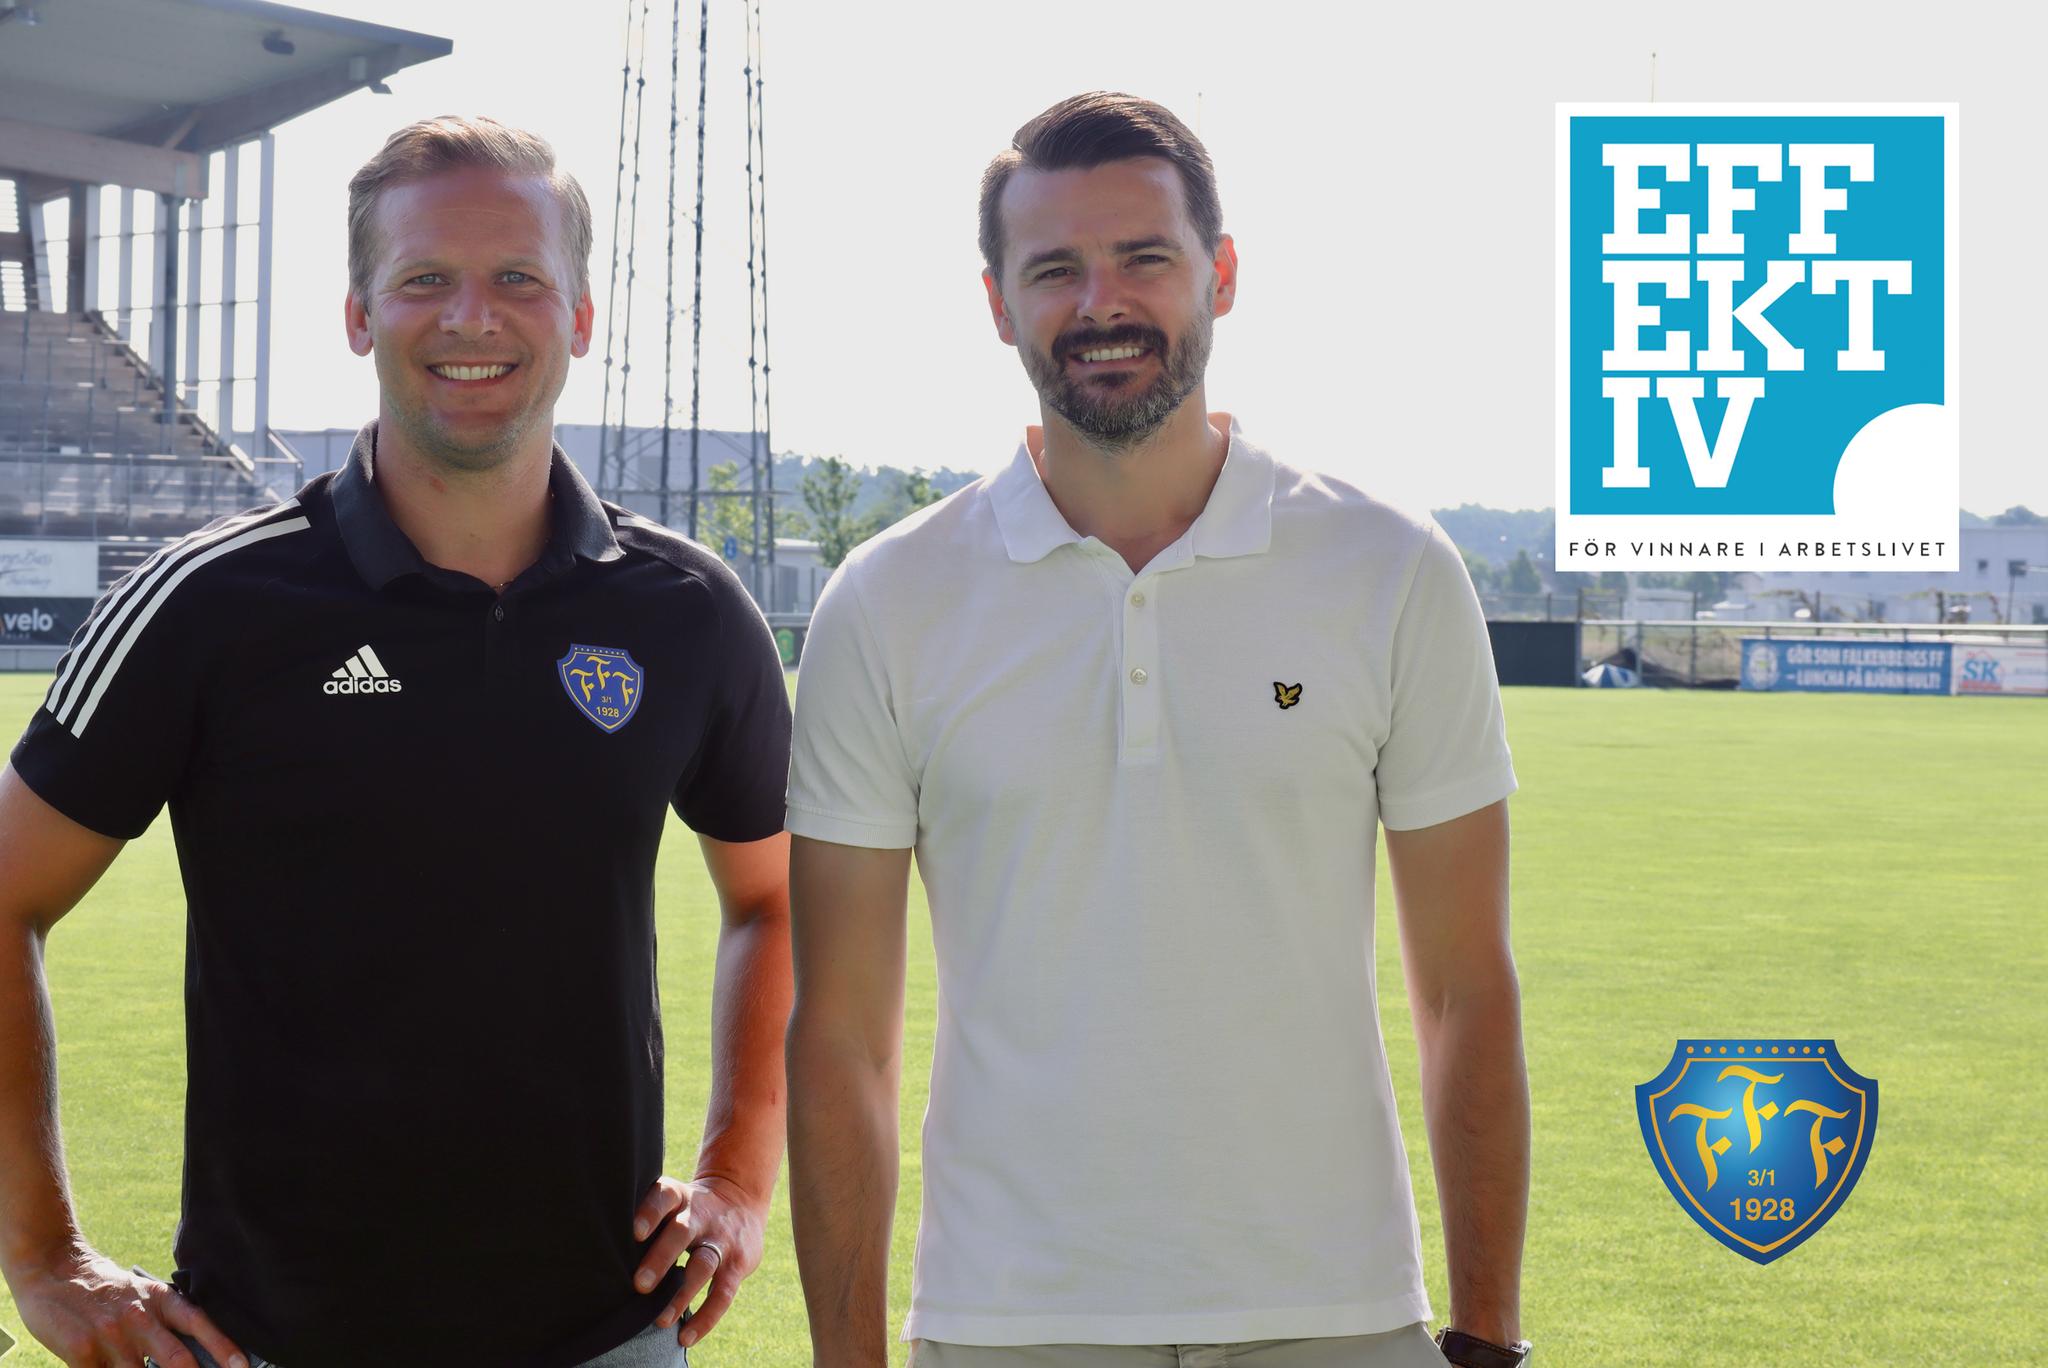 Falkenbergs FF startar samarbete med ny partner